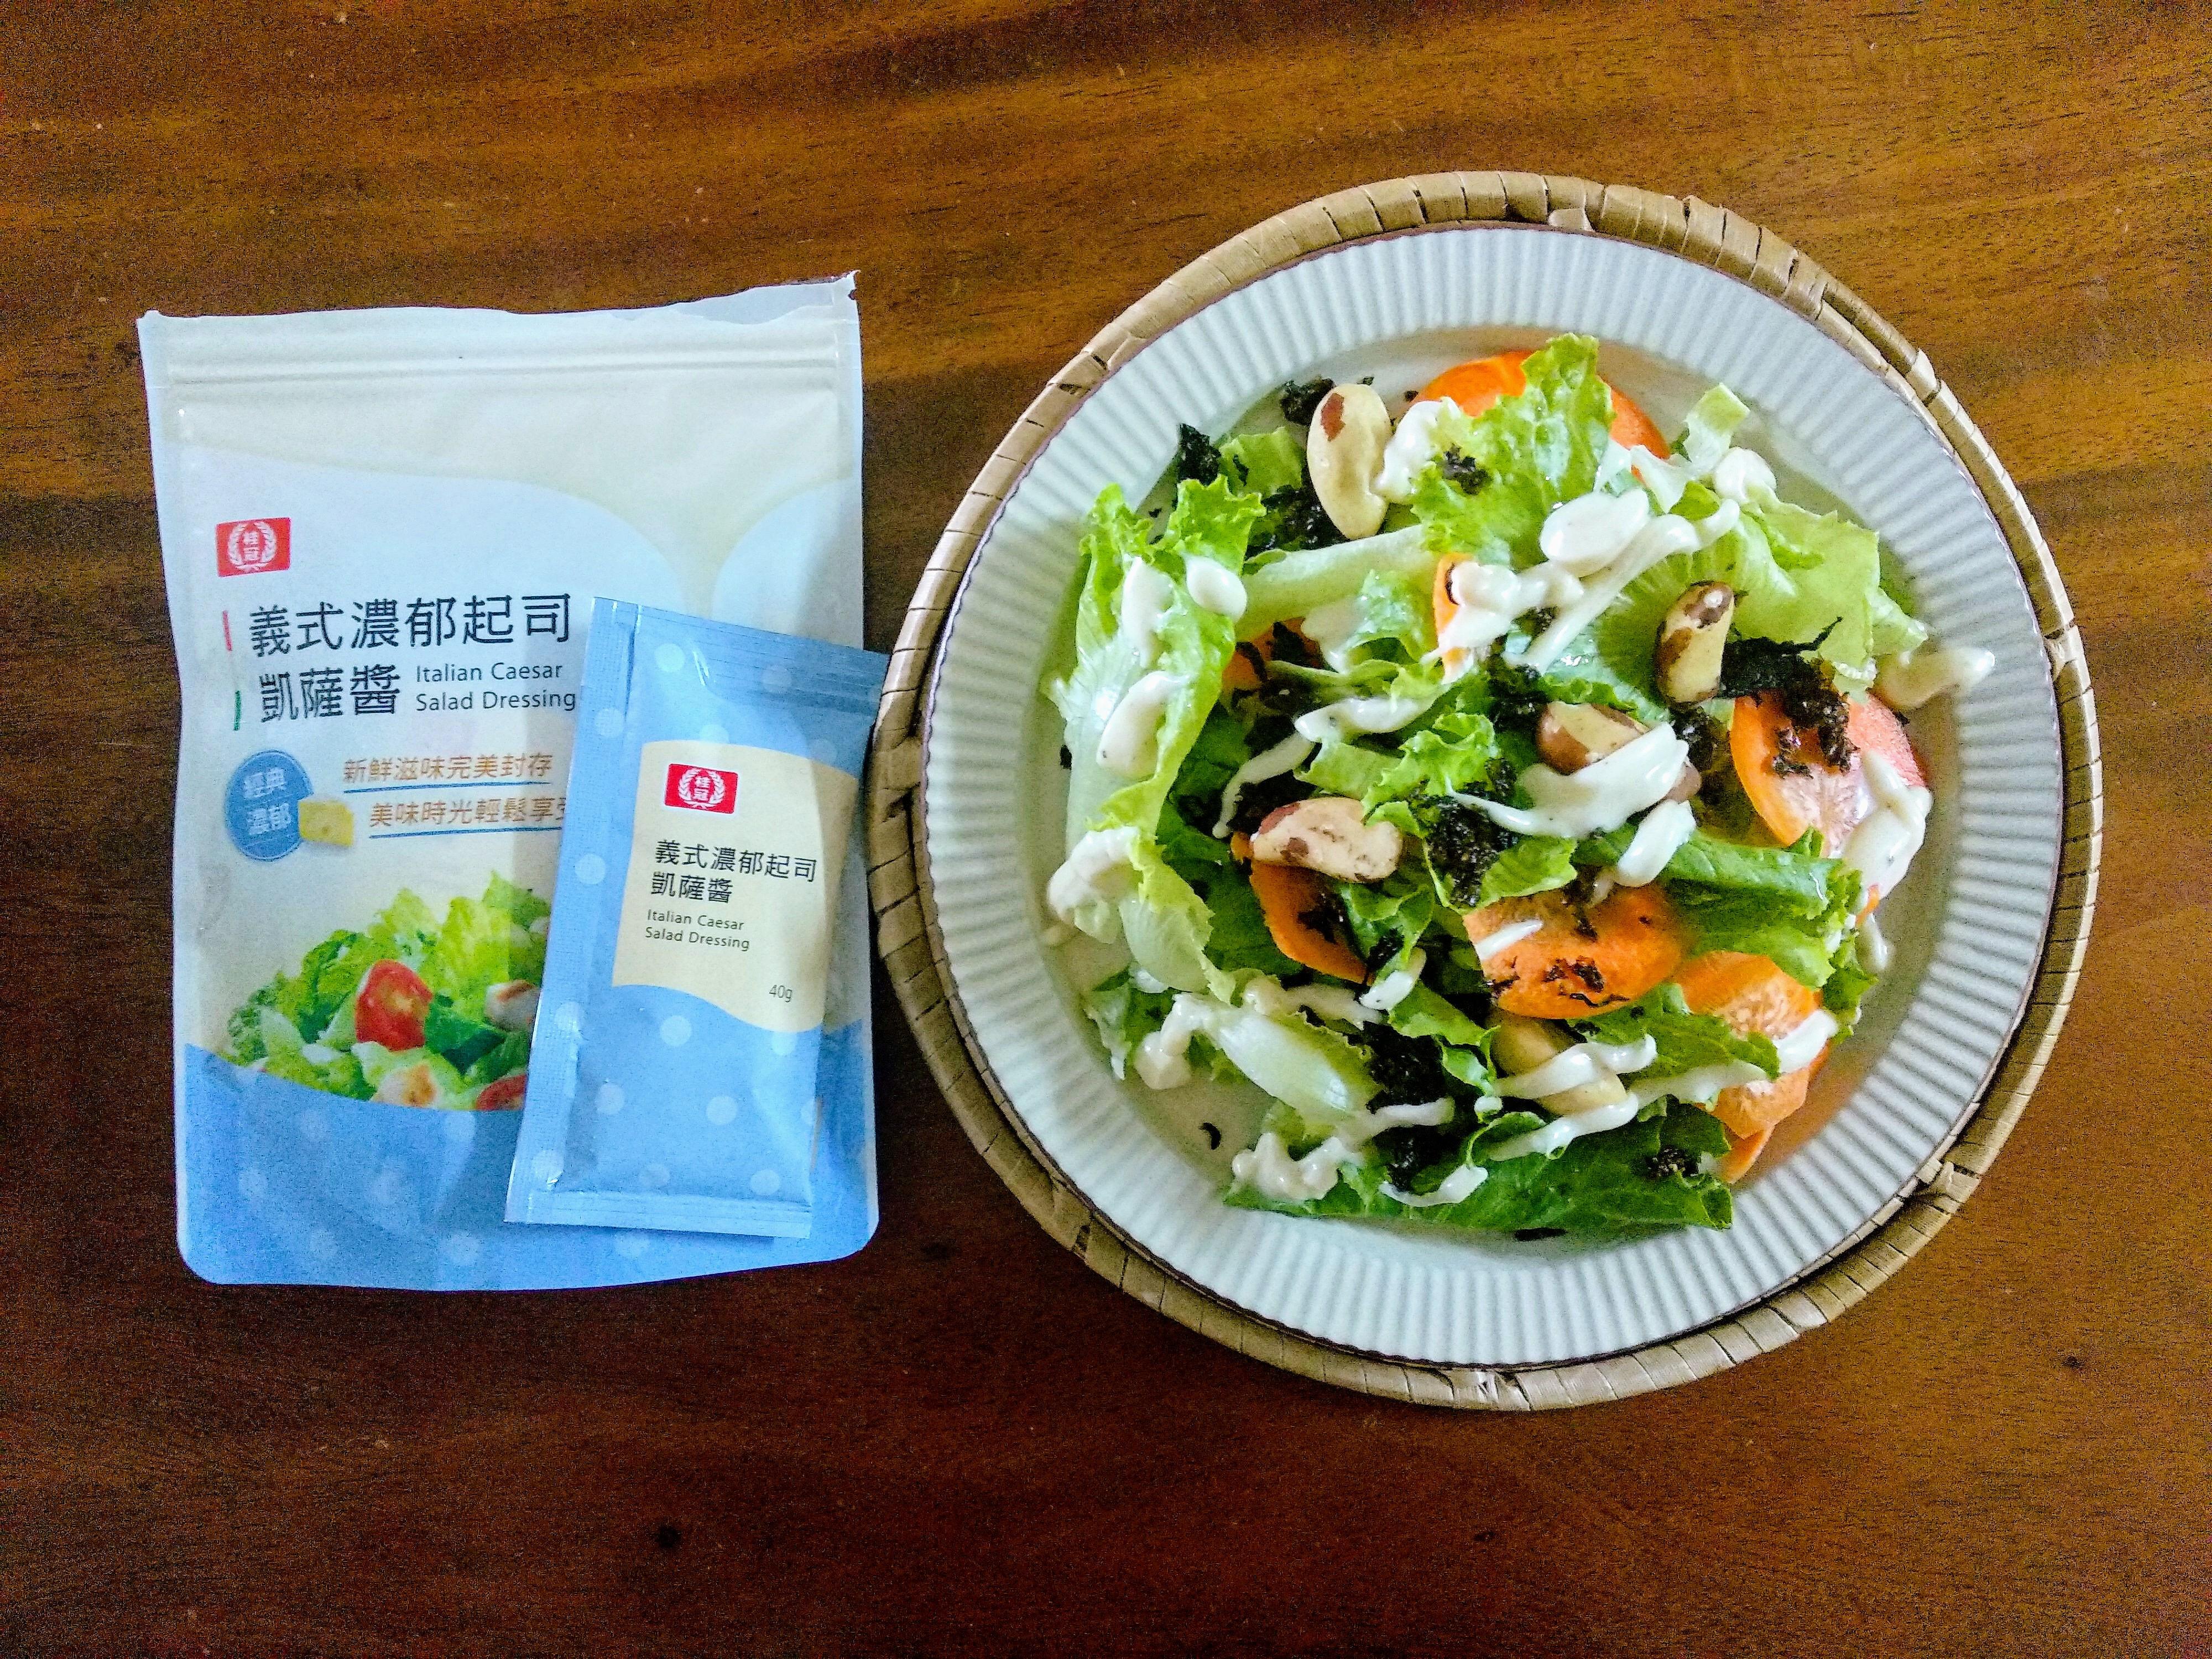 桂冠風味沙拉醬~愉悅開箱中的第 4 張圖片